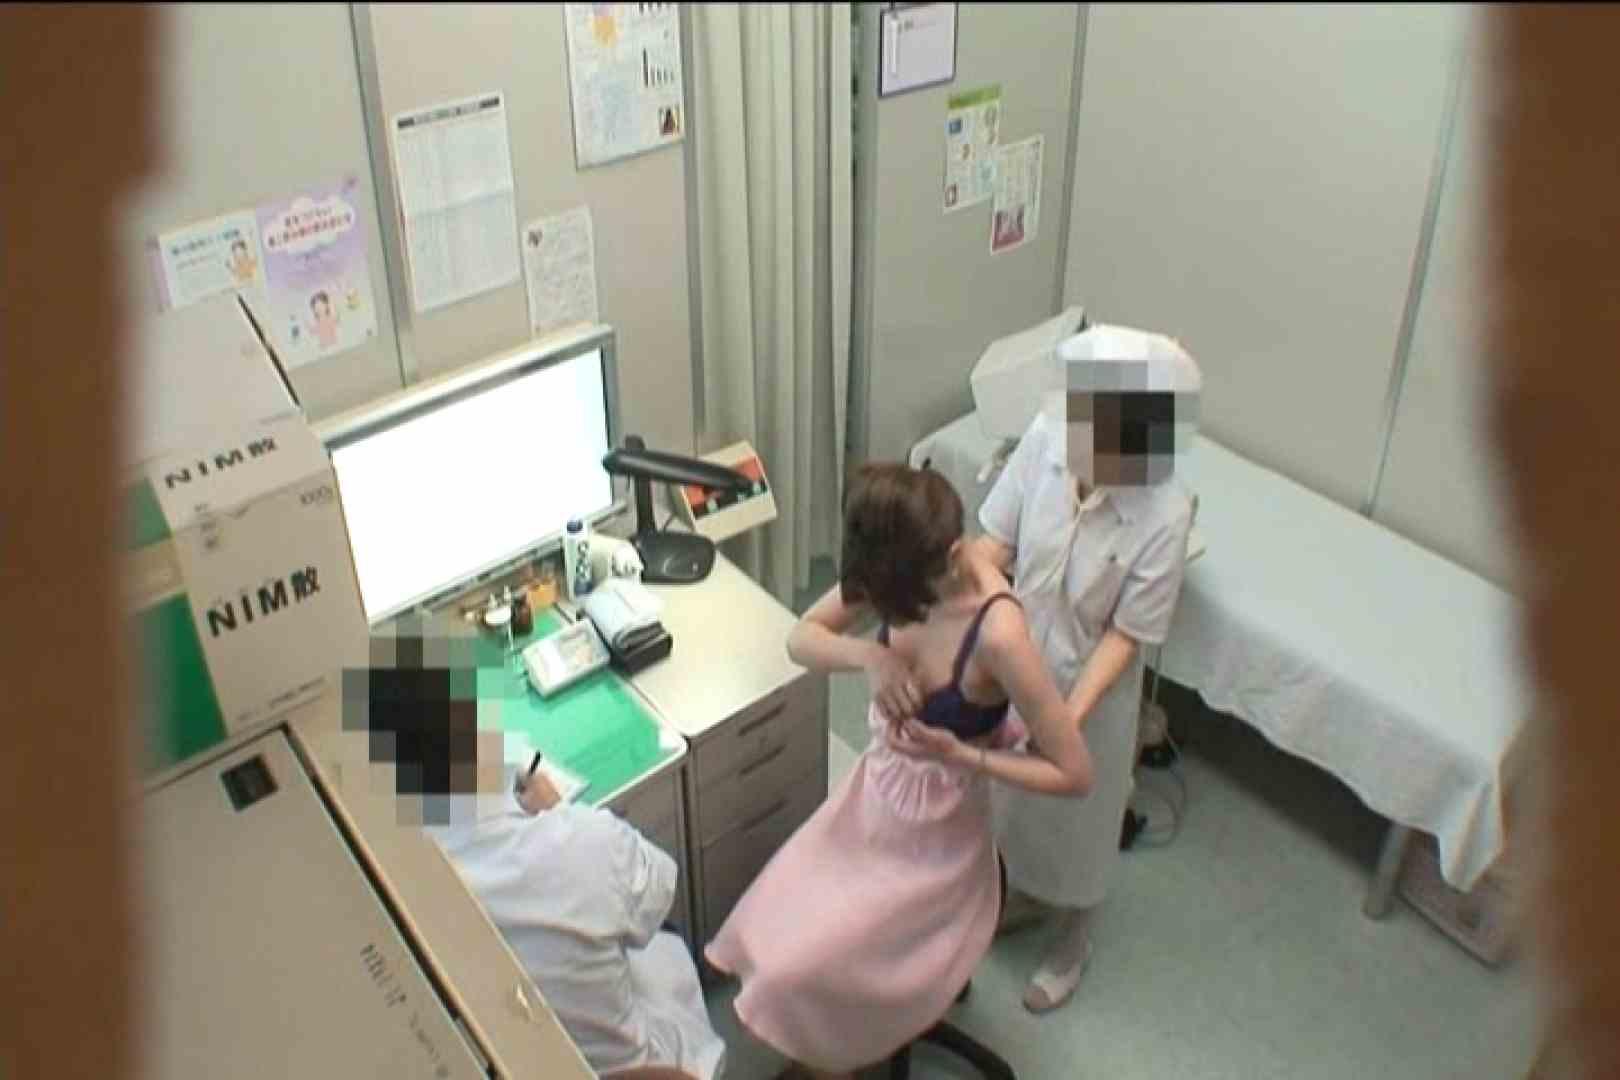 患者のおまんこをコレクションする変態医師の流出映像Vol.5 マンコ・ムレムレ | おまんこ  73pic 21